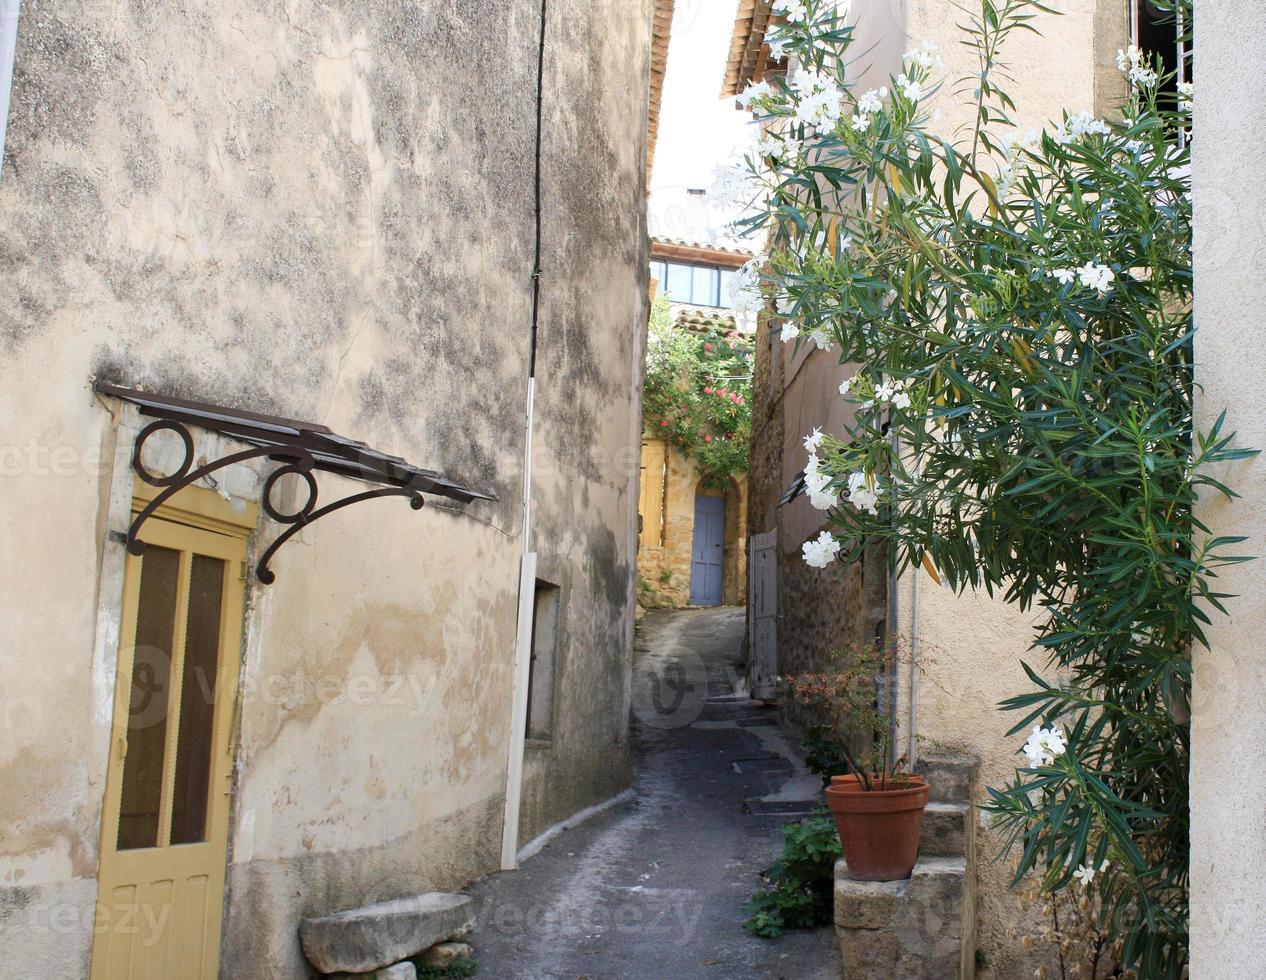 vicolo nel piccolo villaggio francese foto